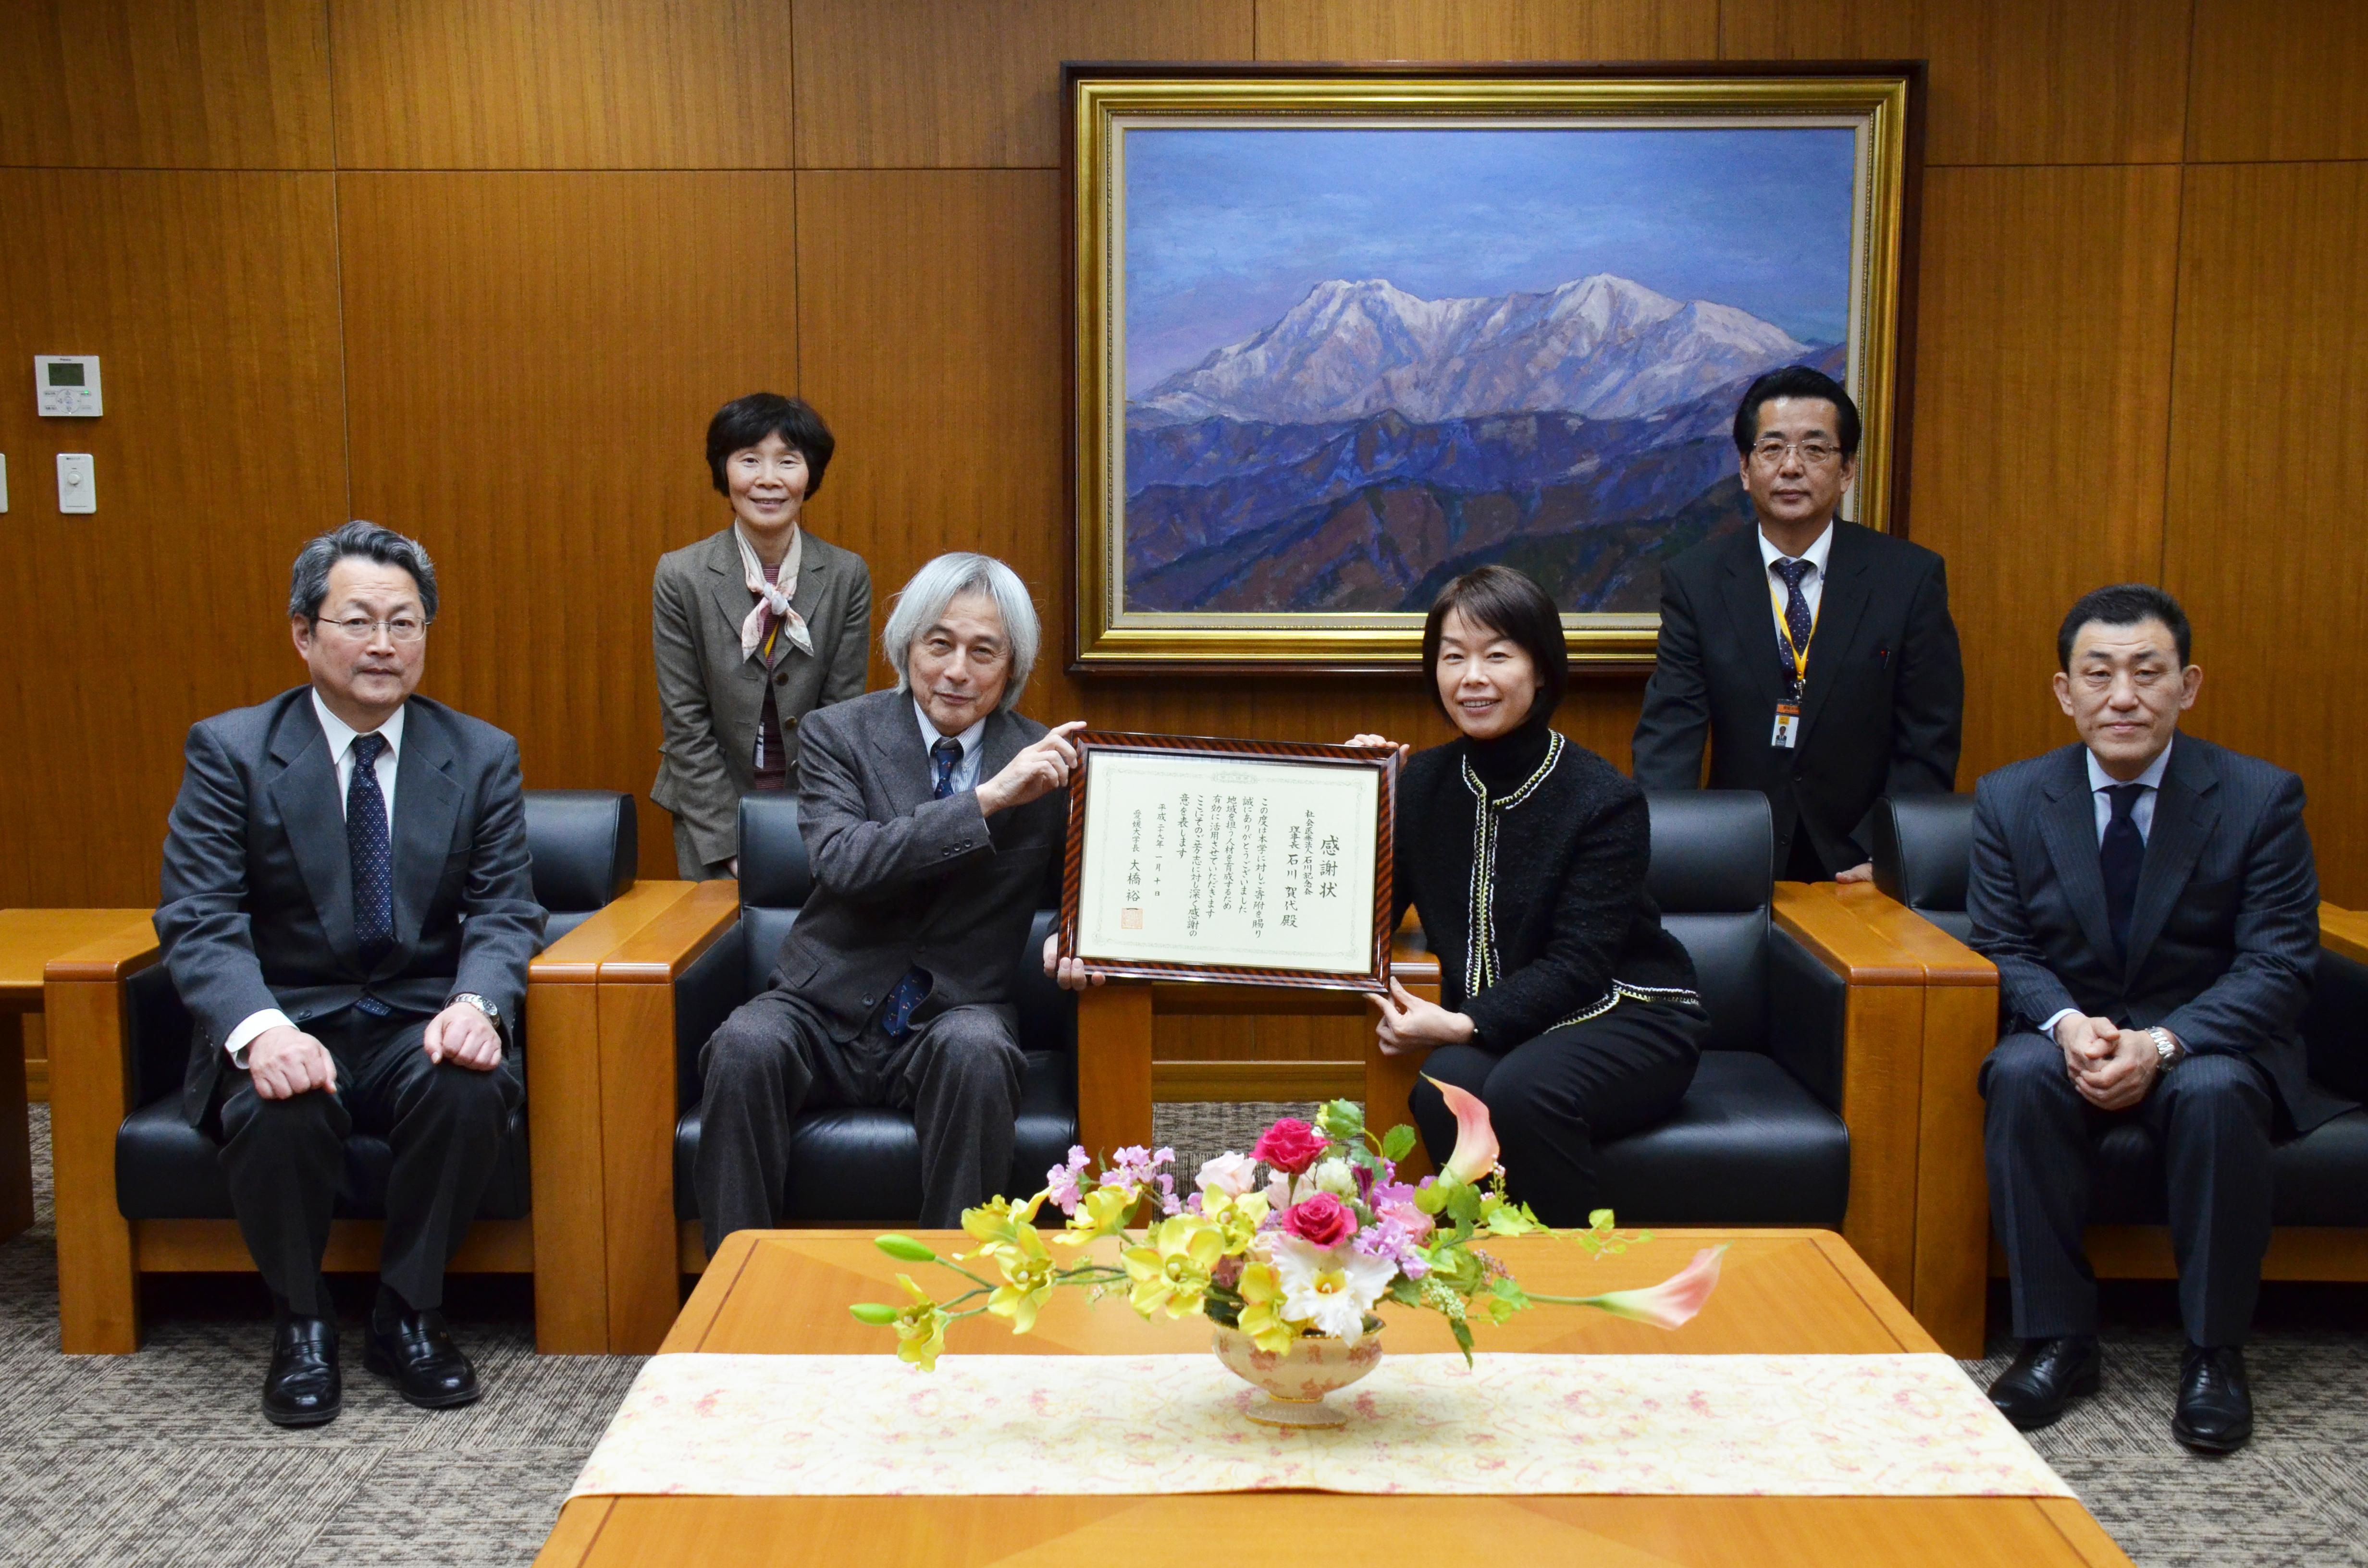 懇談を終えた石川理事長、大橋学長ら関係者